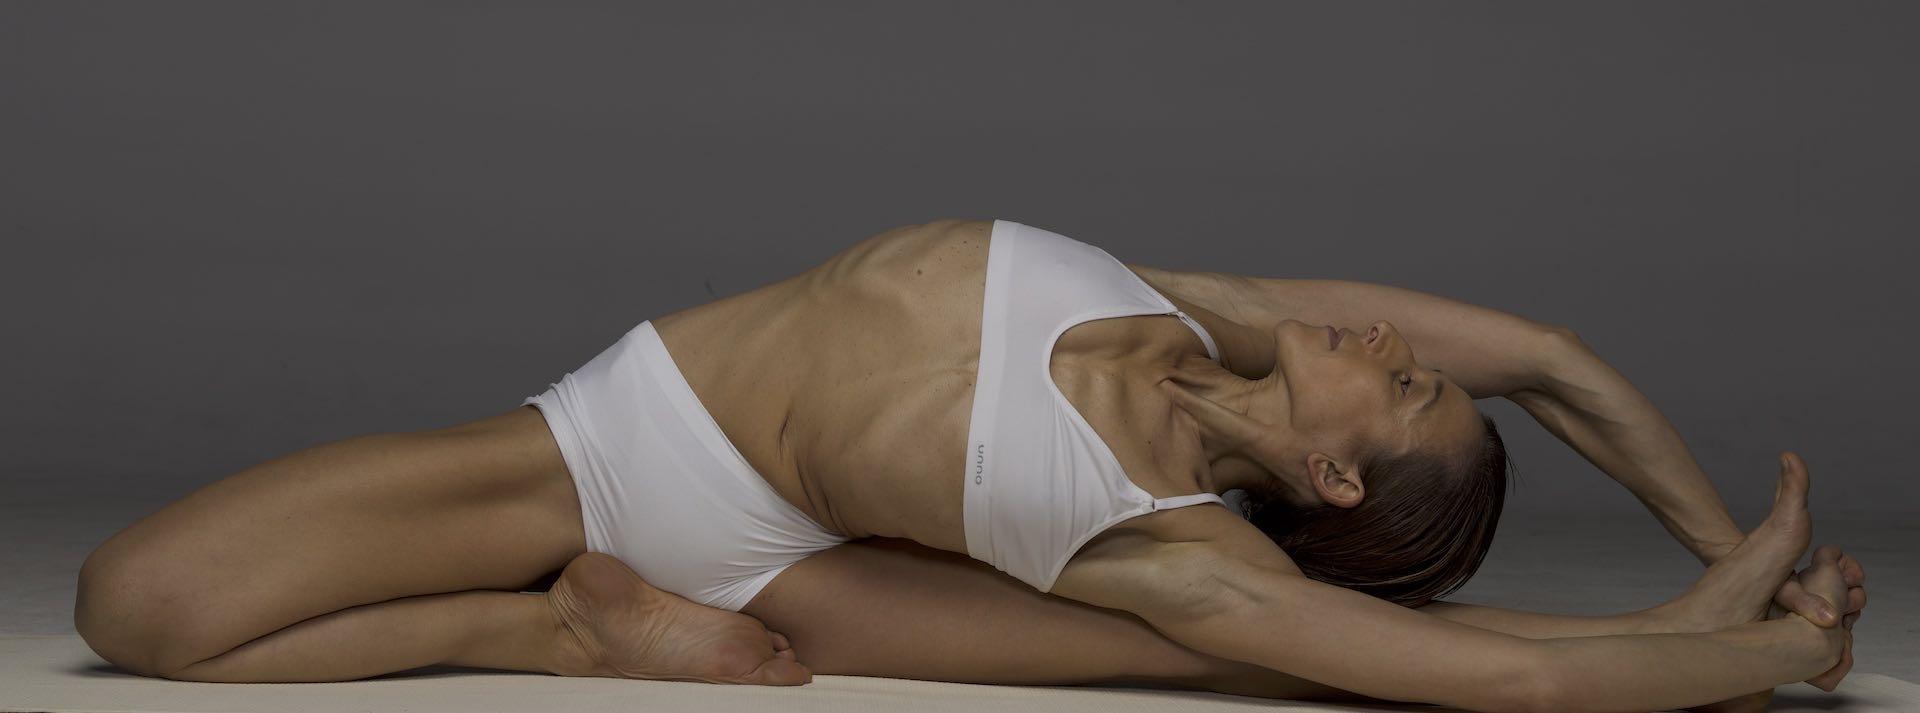 VÍDEO - Aprende a fazer uma Sequência de Yoga de 30 minutos